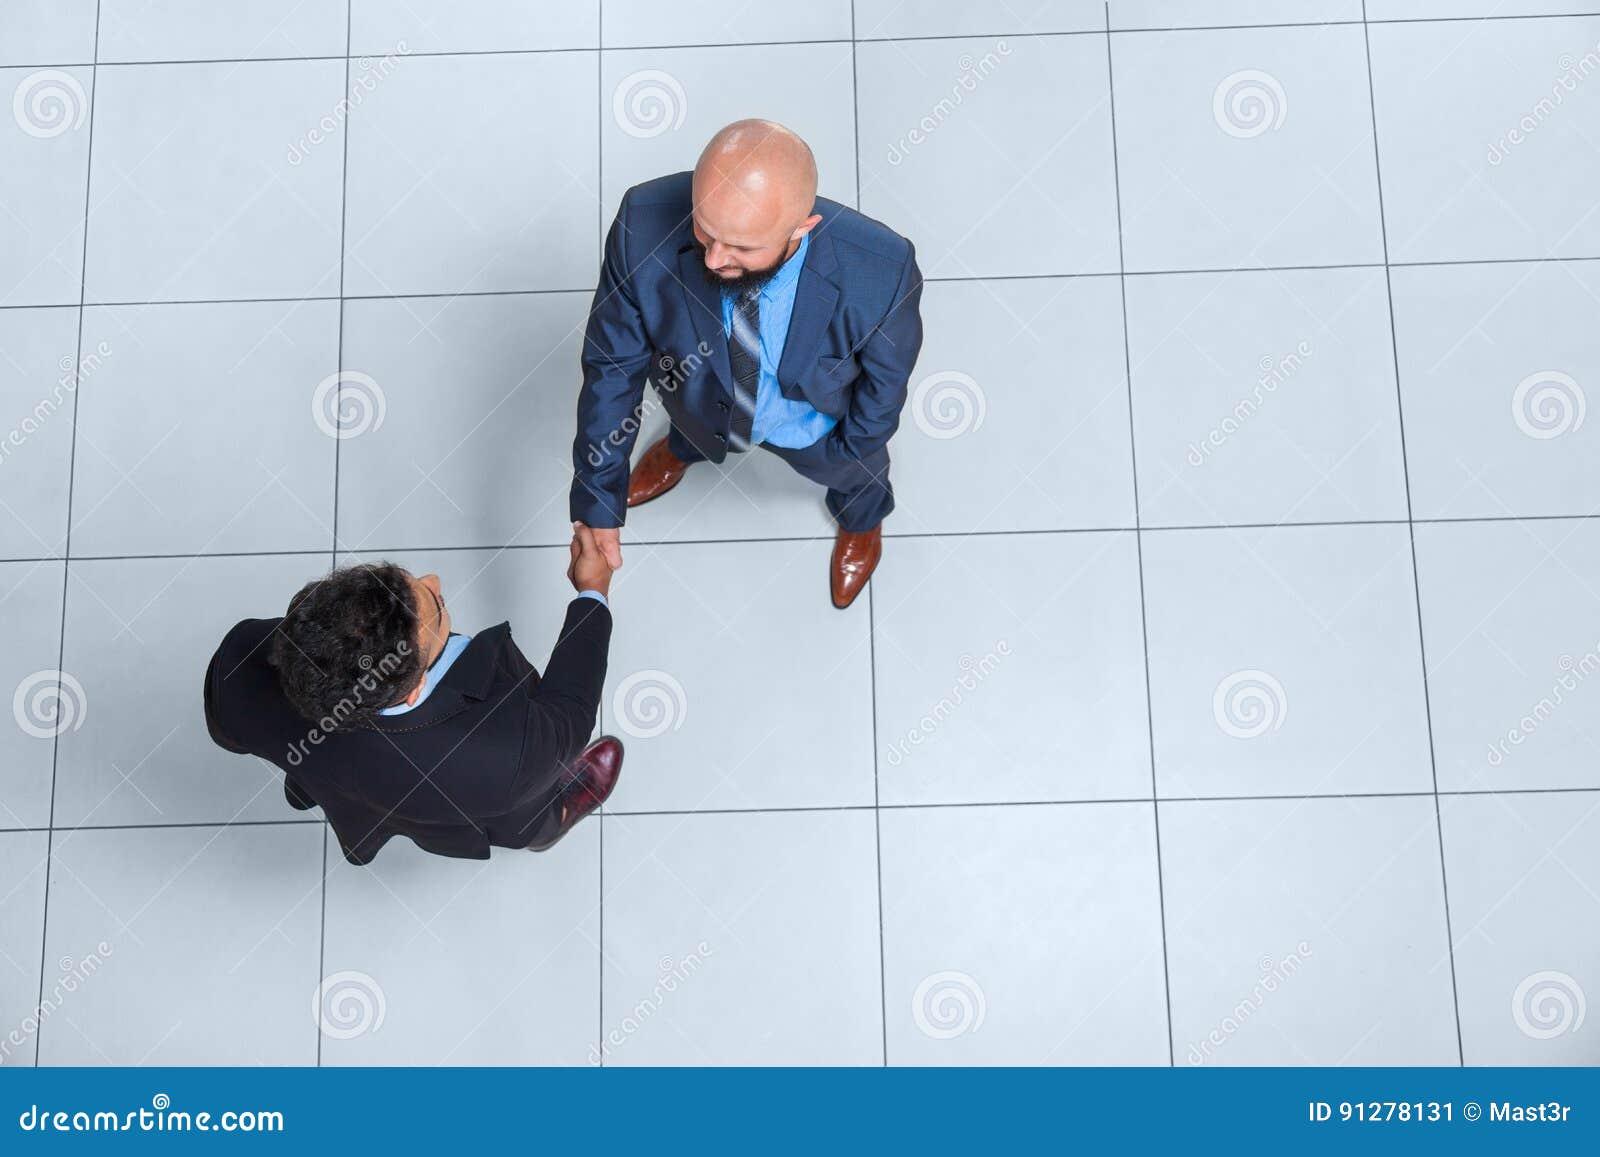 För Hand Shake Welcome för framstickande för affärsfolk sikt för bästa vinkel gest, affärsman Handshake